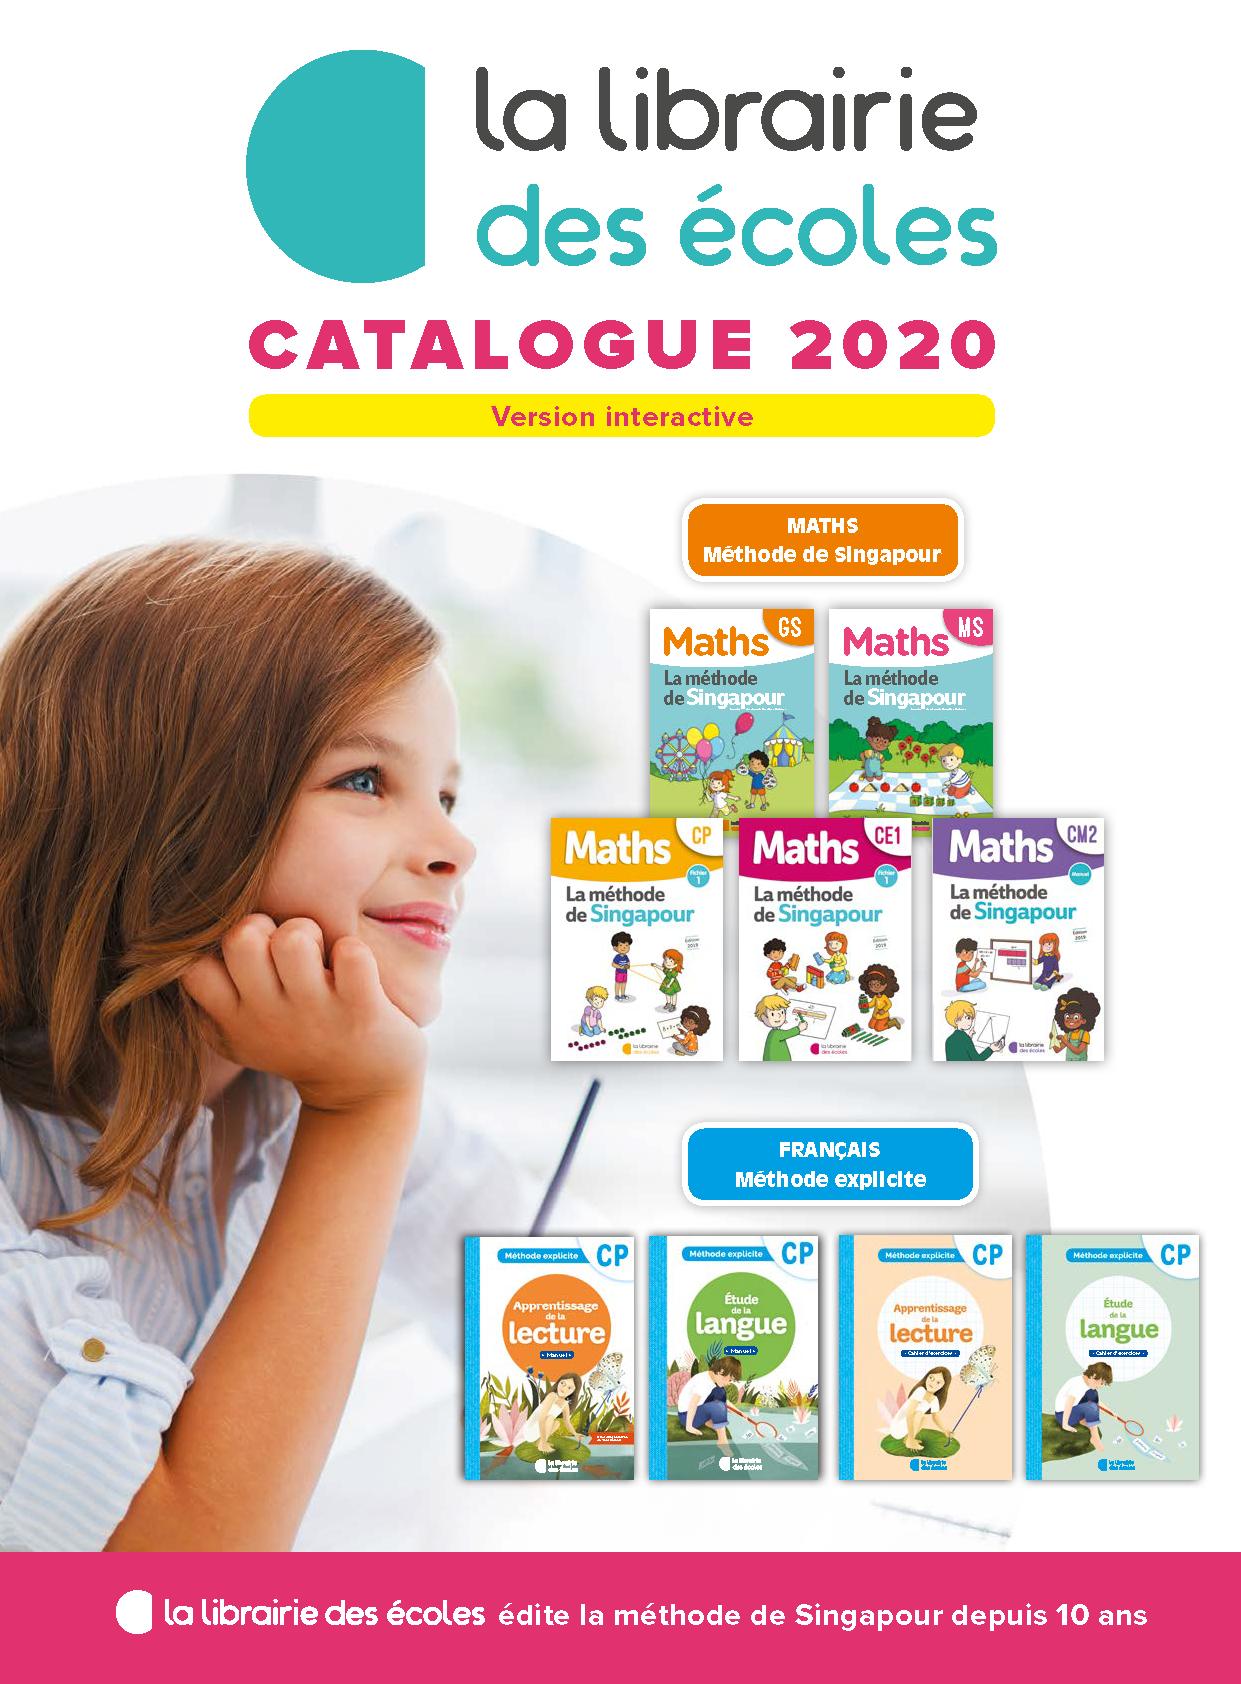 La Librairie des Écoles - catalogue 2020